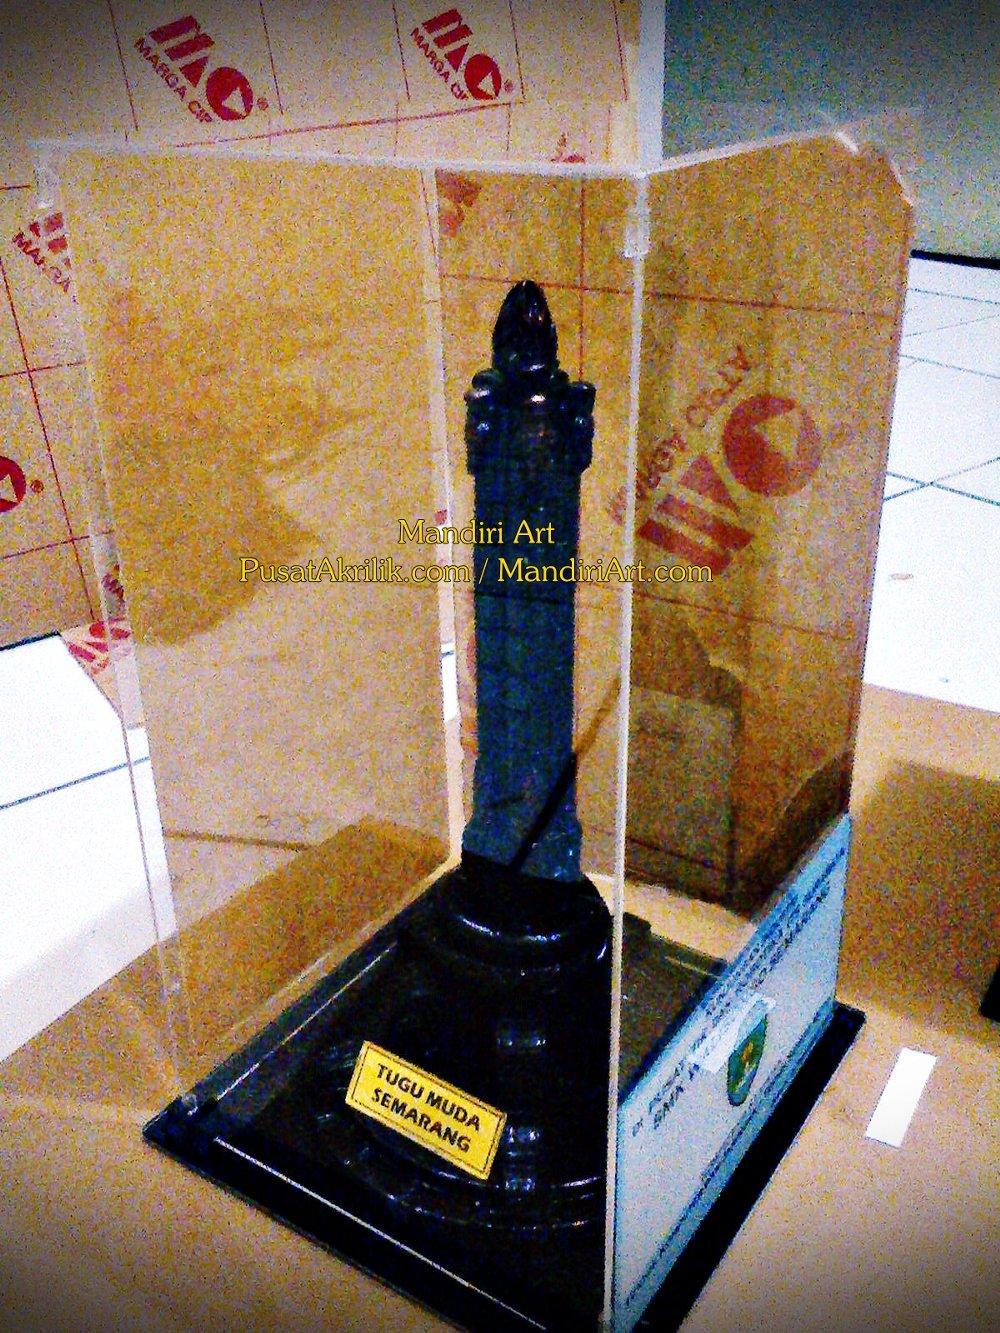 Jual Souvenir Khas Semarang Miniatur Tugu Muda Lapak Mandiri Kab